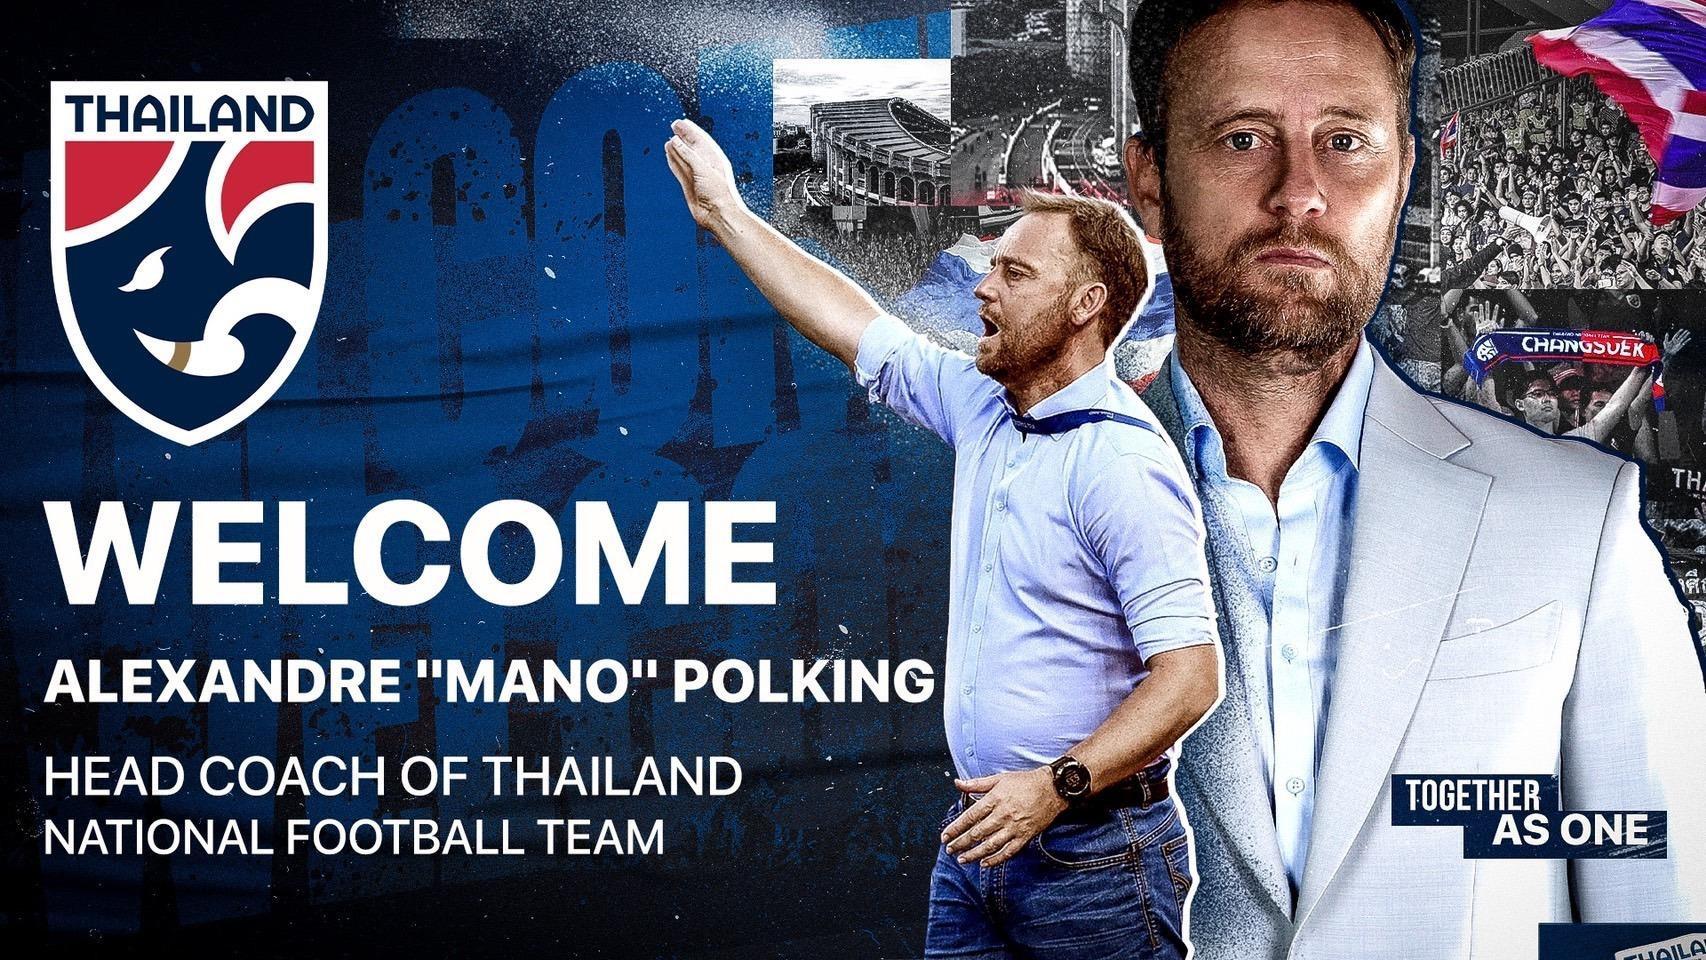 HLV Polking dẫn dắt tuyển Thái Lan, chờ đấu HLV Park Hang Seo tại AFF Cup 2020 - 1